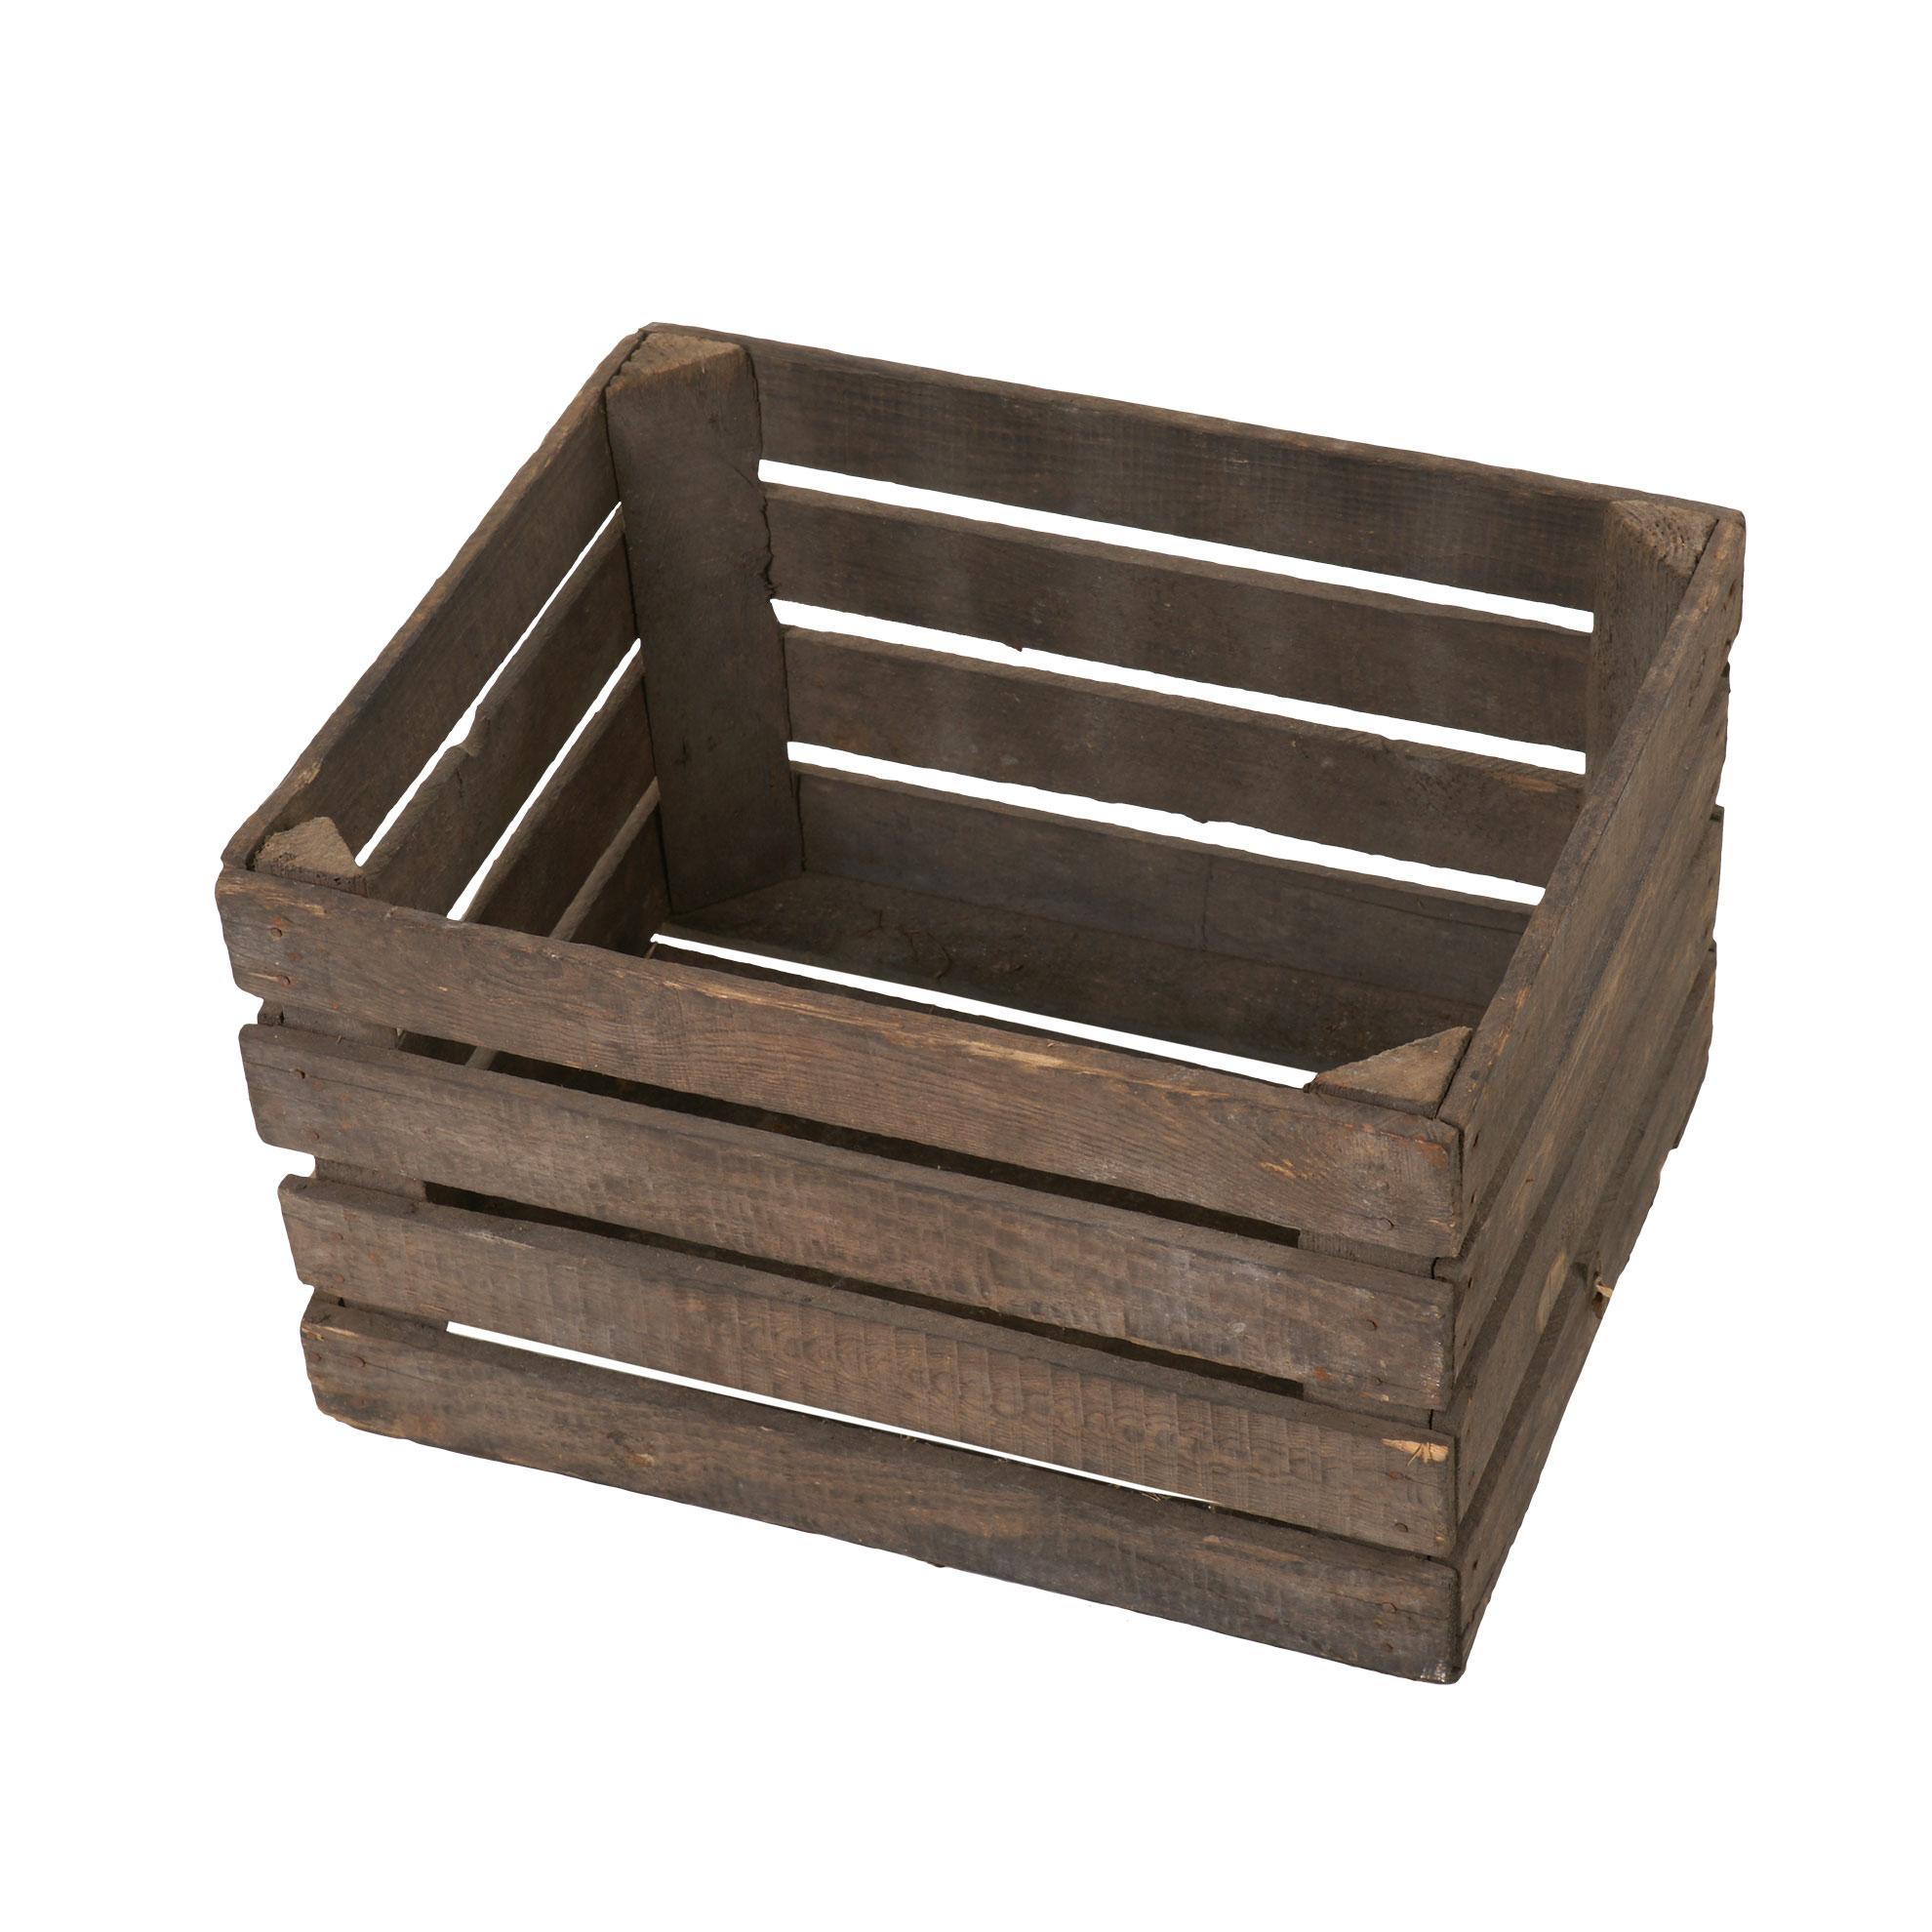 Bauen Sie Sich Mobel Aus Alten Obstkisten Weinkisten Holzkisten In